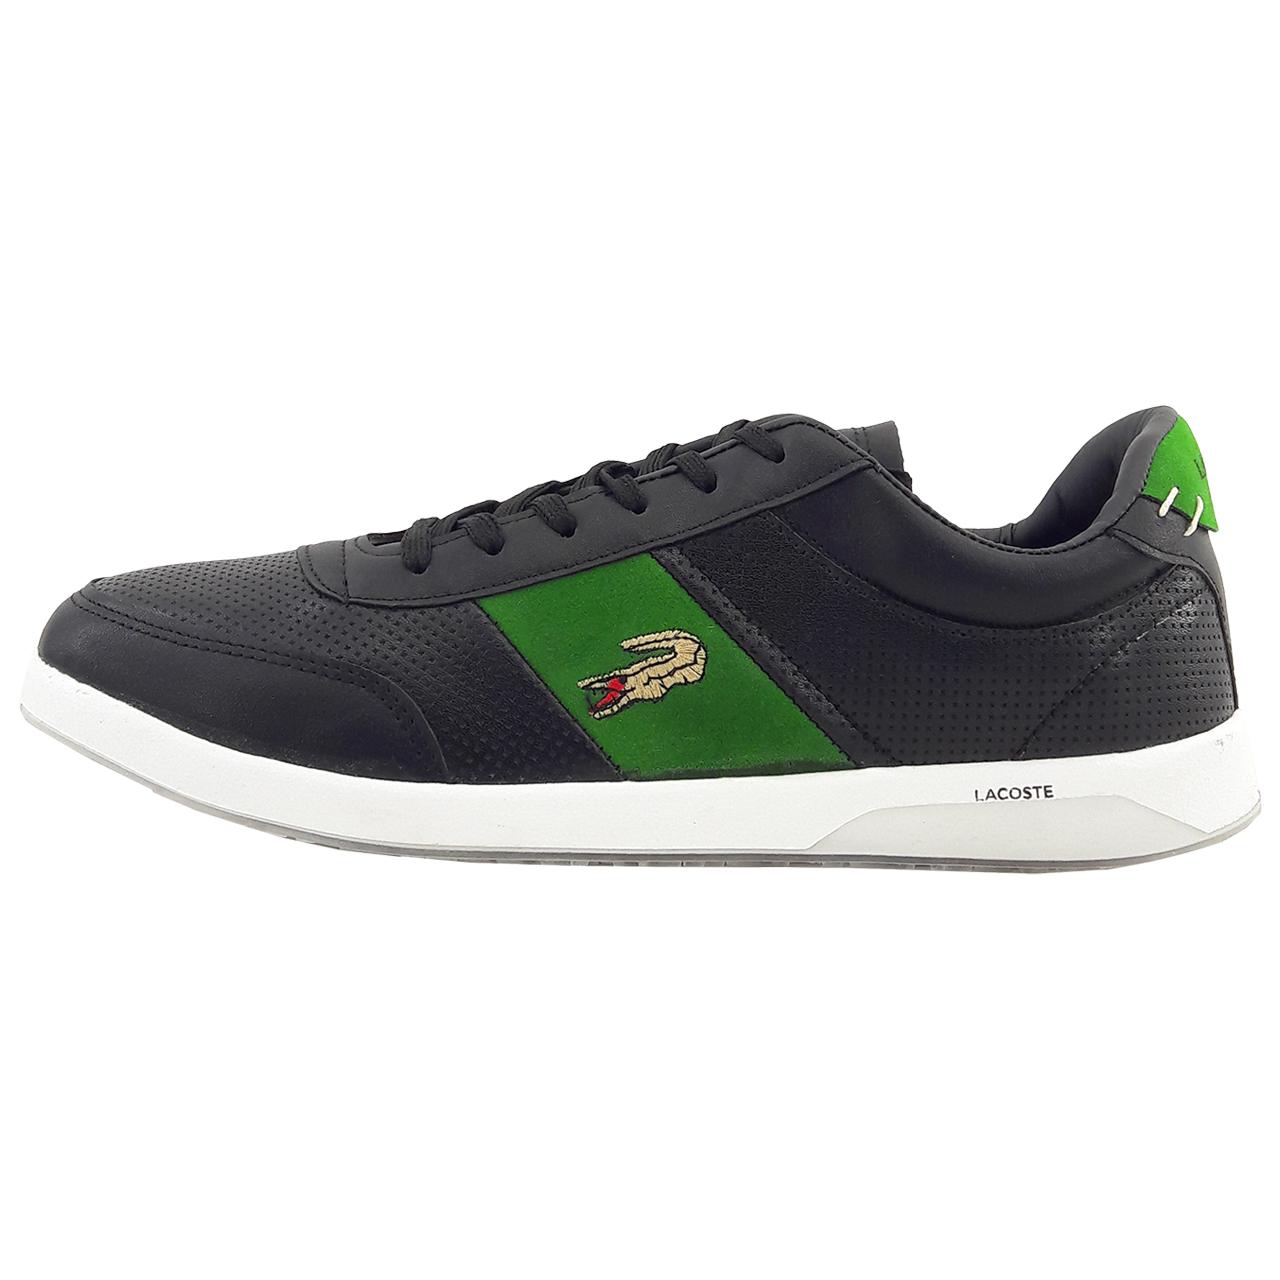 کفش مخصوص پیاده روی مردانه مدل Lst bl.gr.gel001